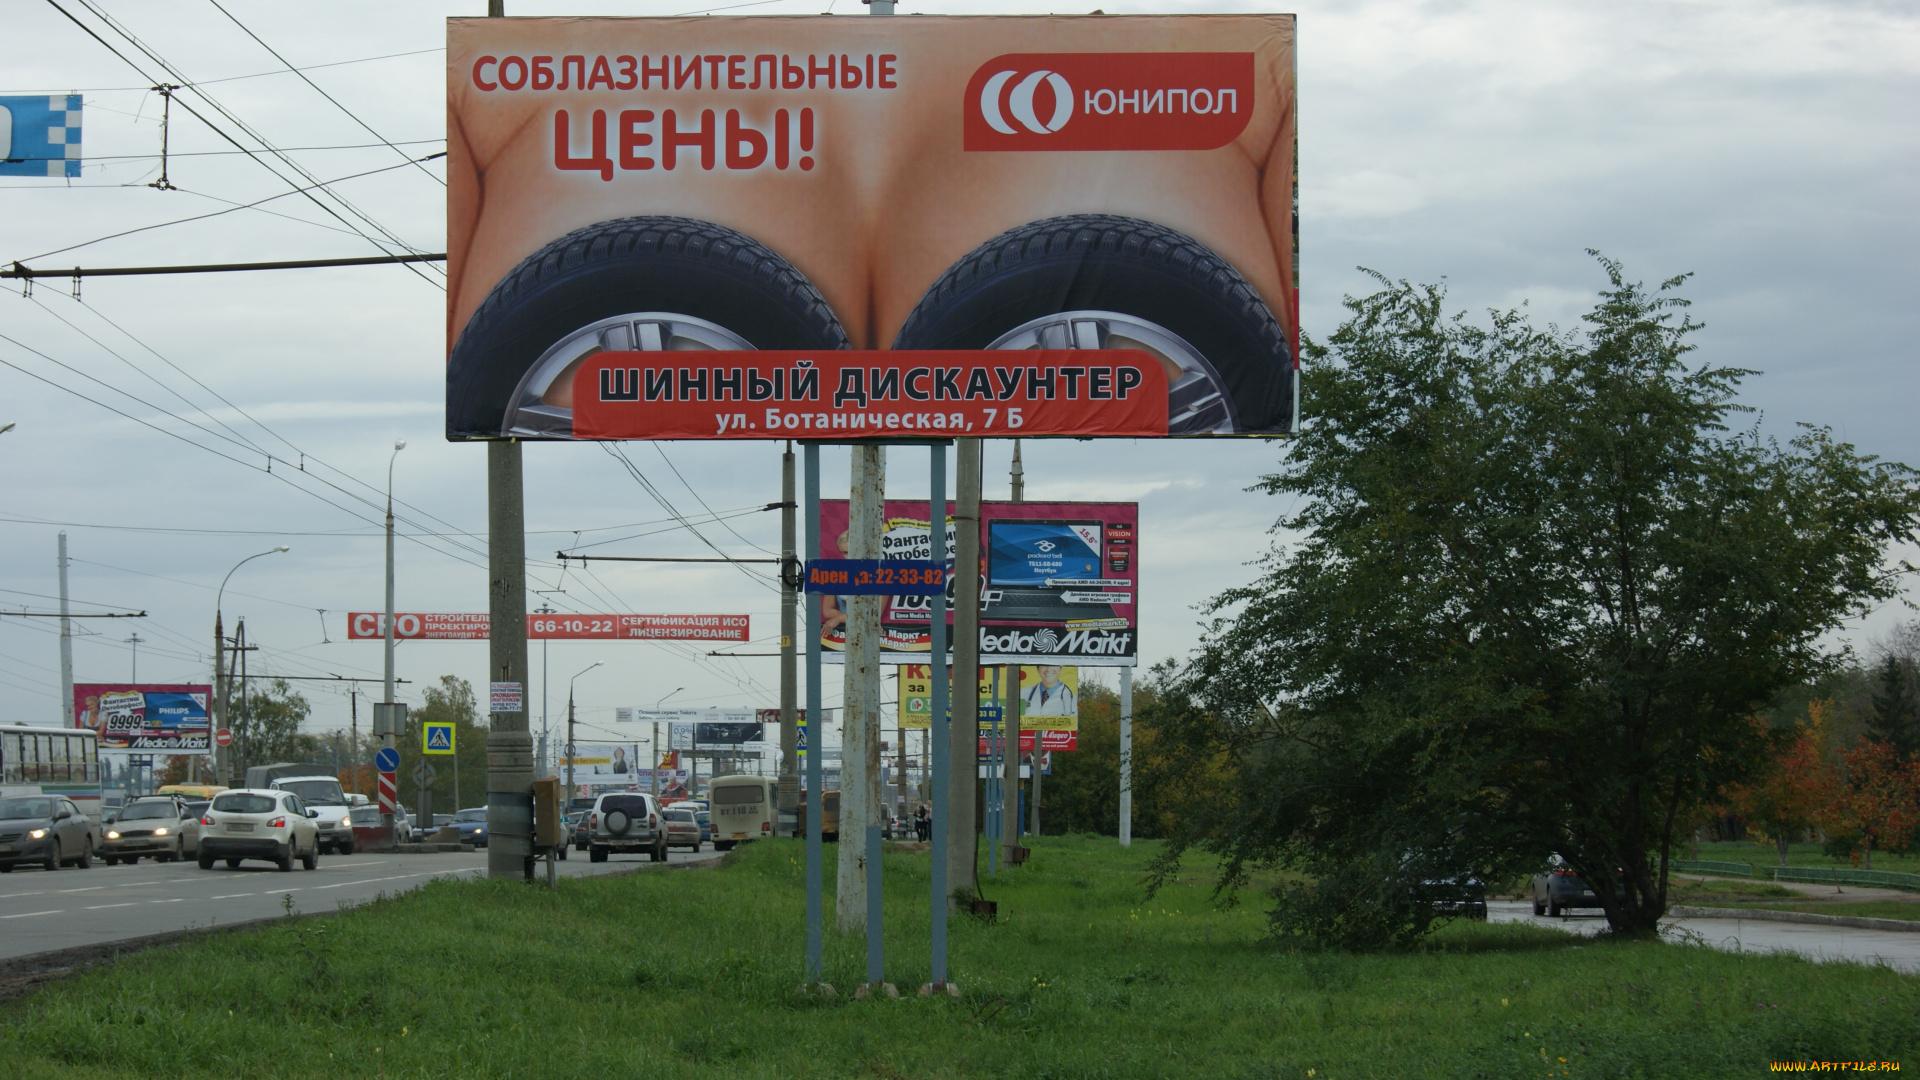 реклама на дорогах картинки технологии заключается динамическом